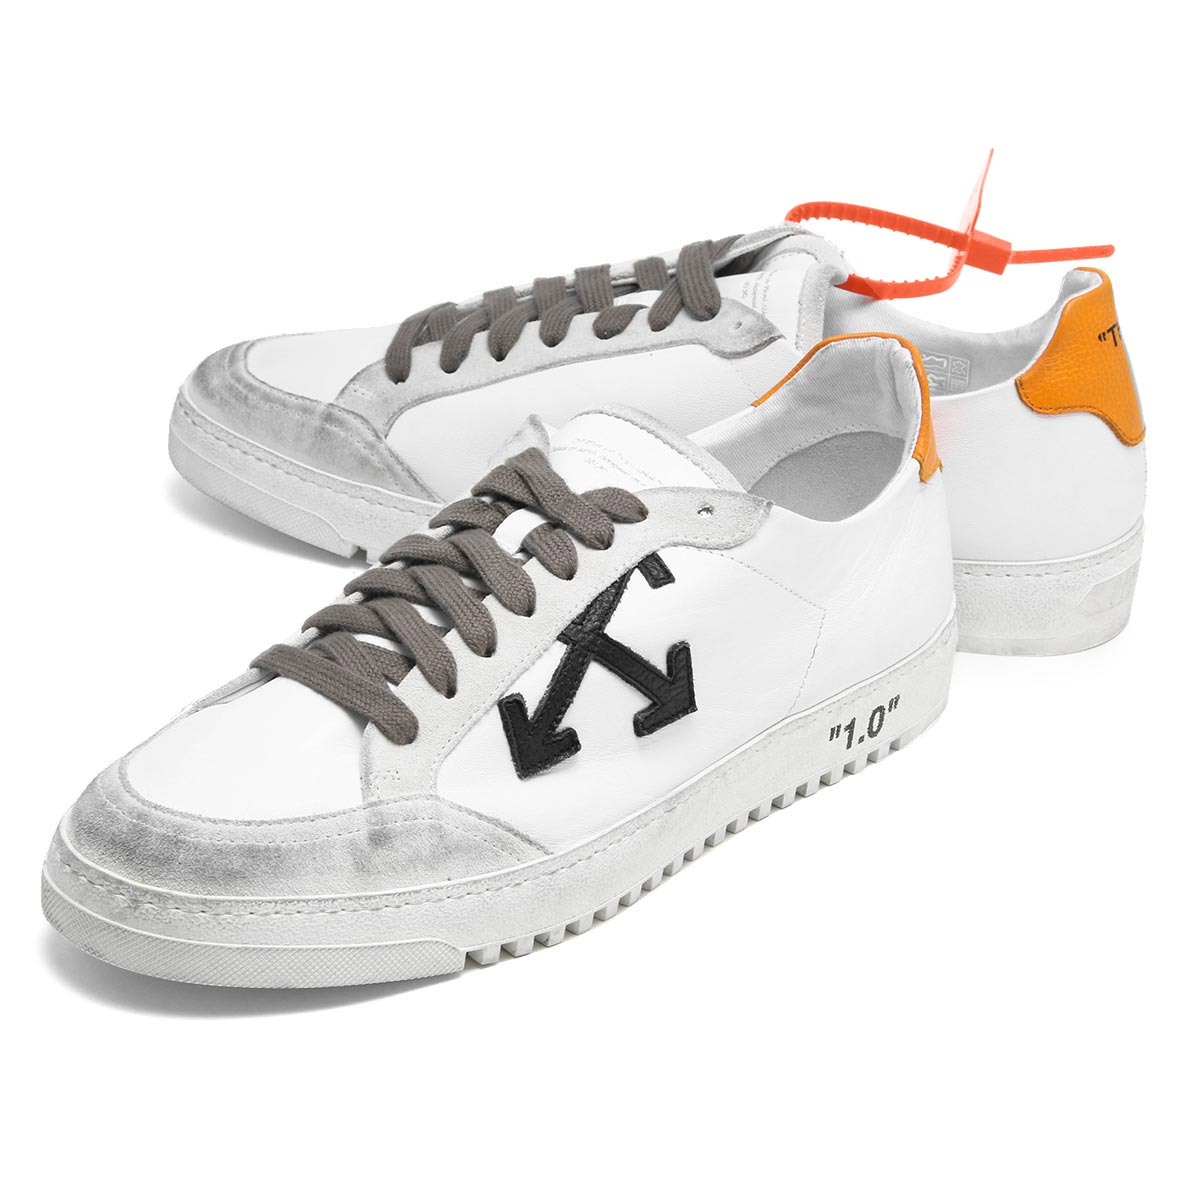 オフホワイト スニーカー/シューズ/靴 メンズ レディース 2.0 ...